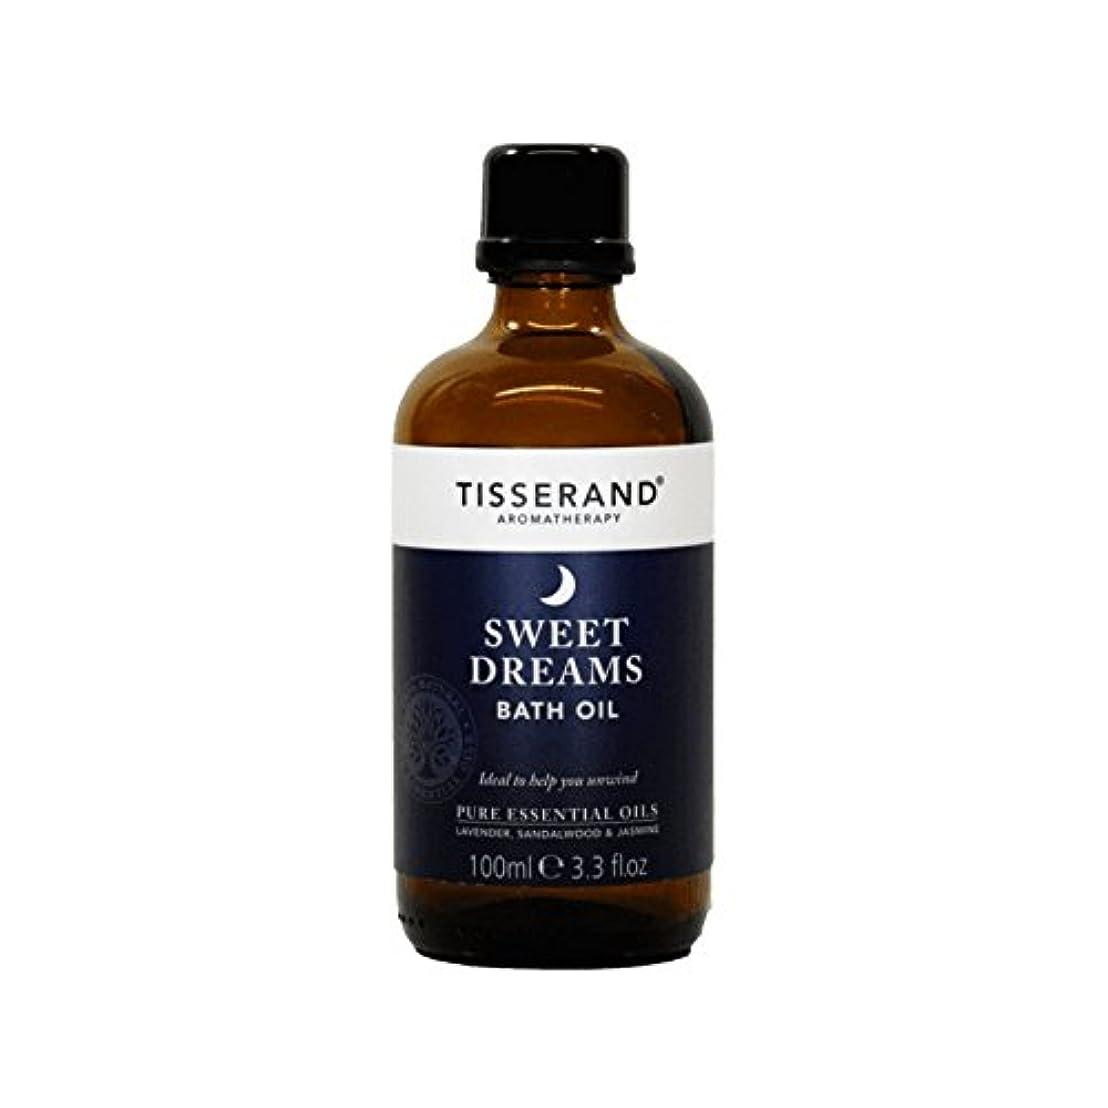 天文学致命的周囲ティスランド甘い夢バスオイルの100ミリリットル - Tisserand Sweet Dreams Bath Oil 100ml (Tisserand) [並行輸入品]